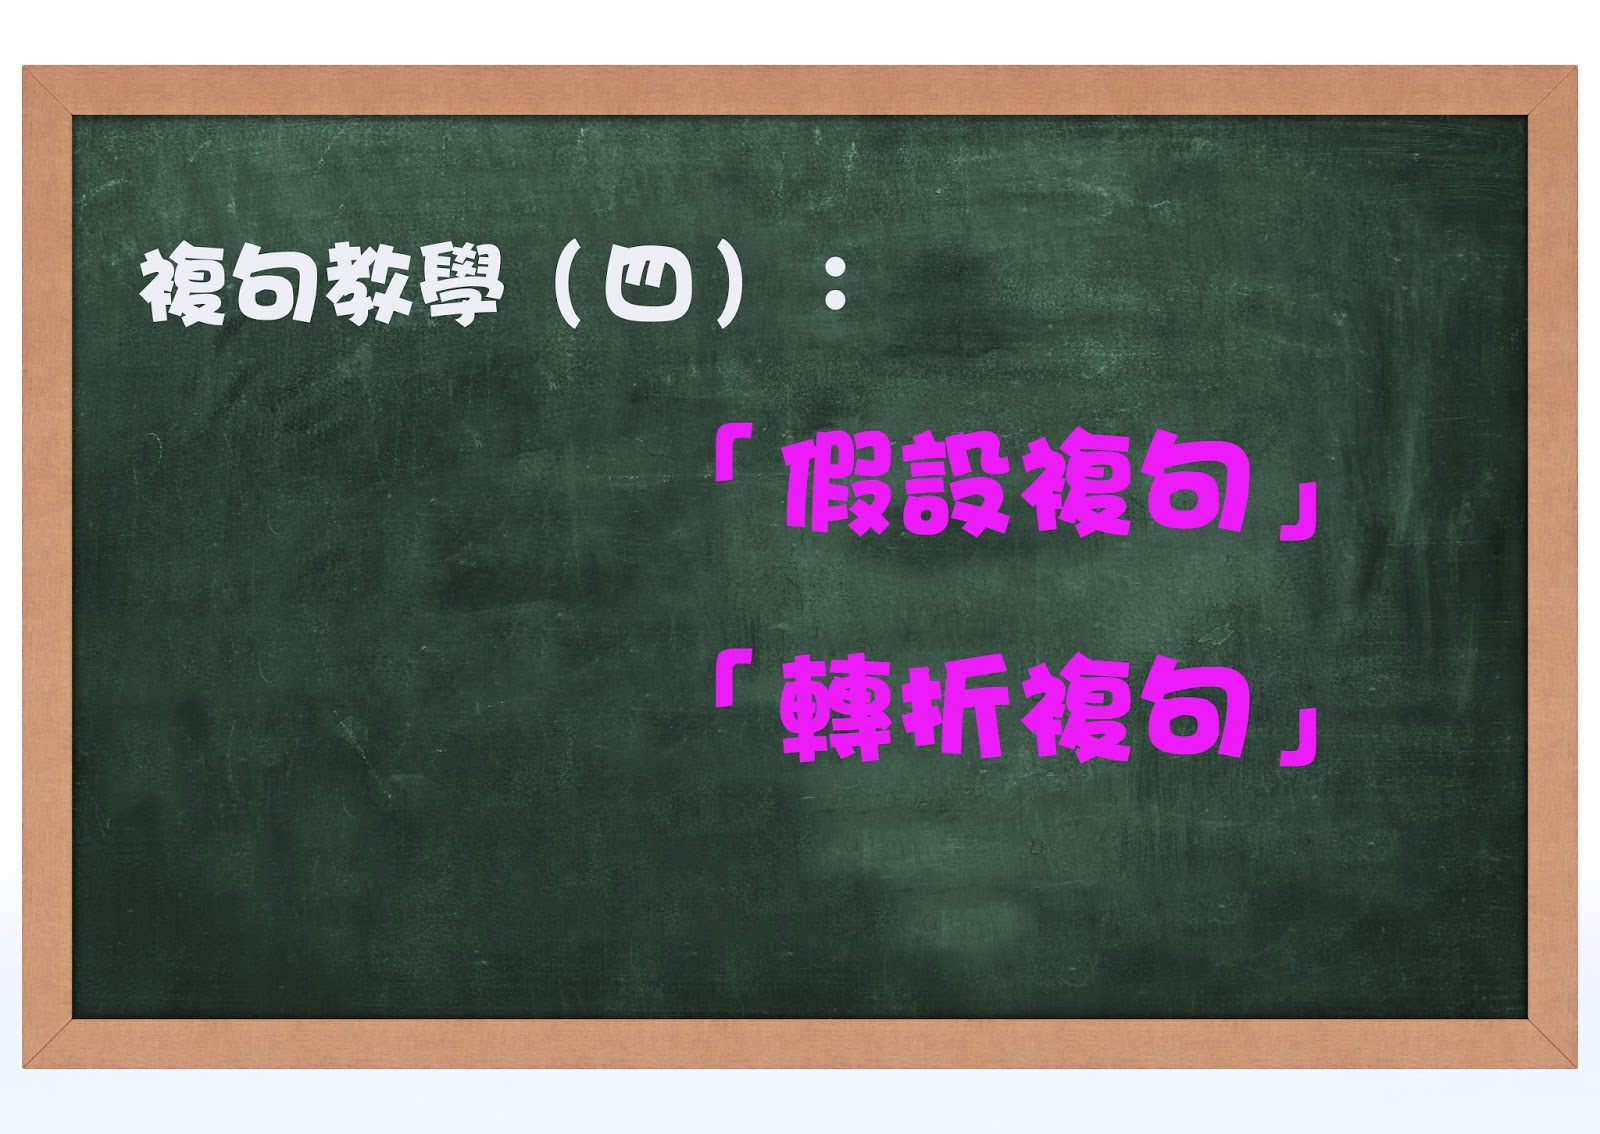 複句教學(四):「假設複句」、「轉折複句」|寫作教室|尤莉姐姐的反轉學堂